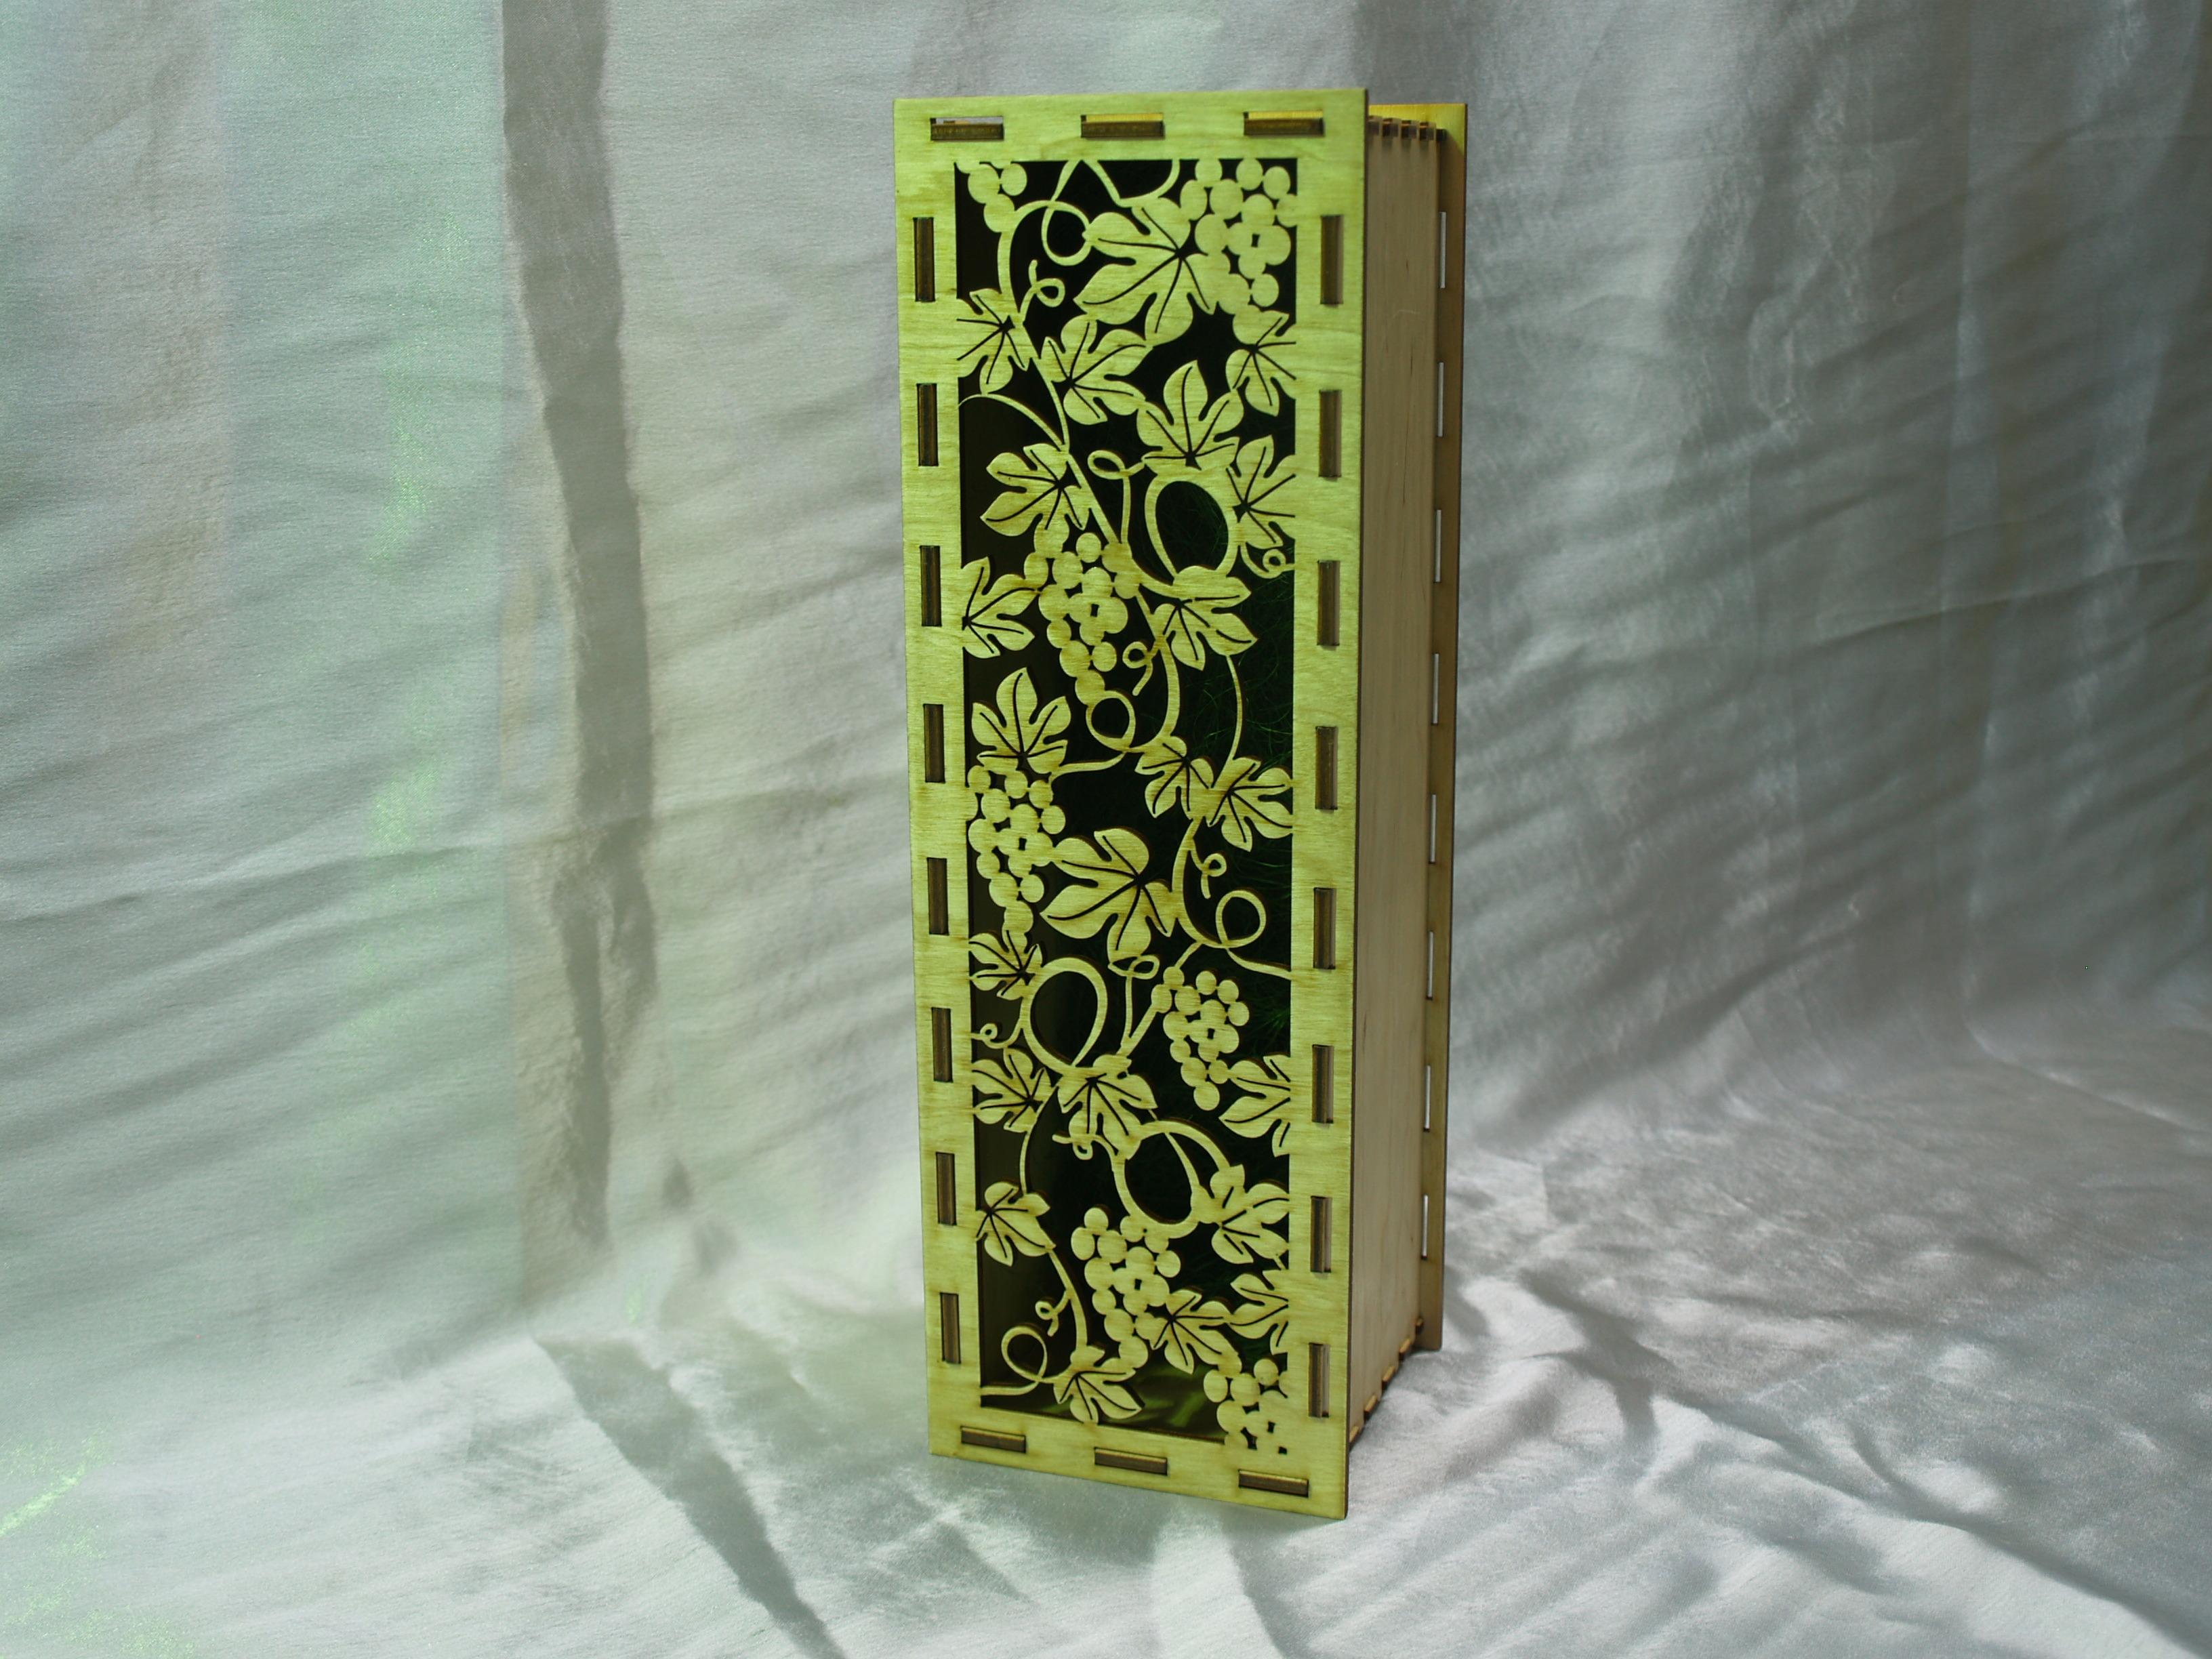 винная коробка 2, лазерная резака - гравировка, фанера